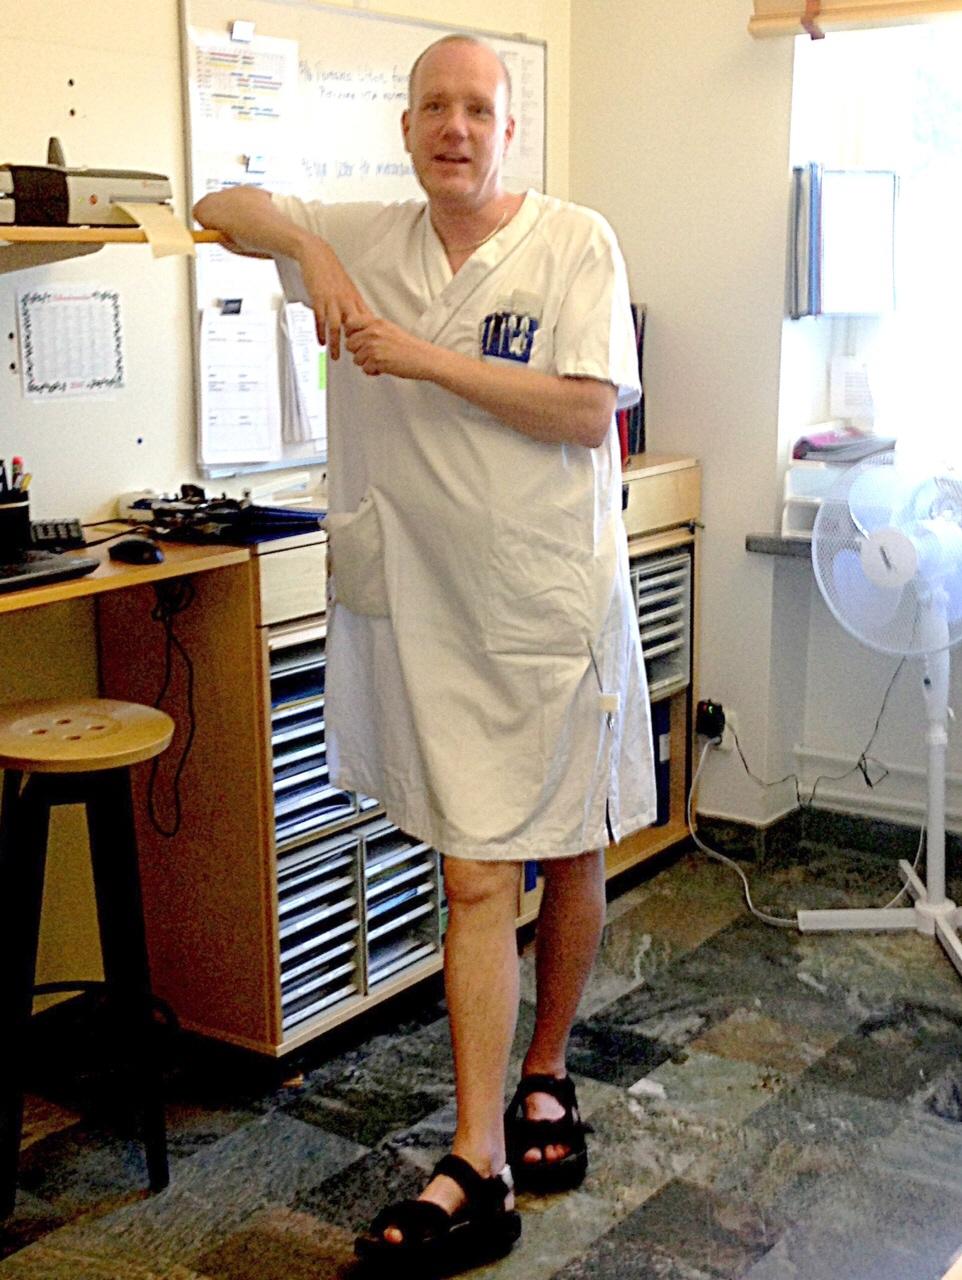 Mattias protest mot varma arbetskläder: jobbade i klänning